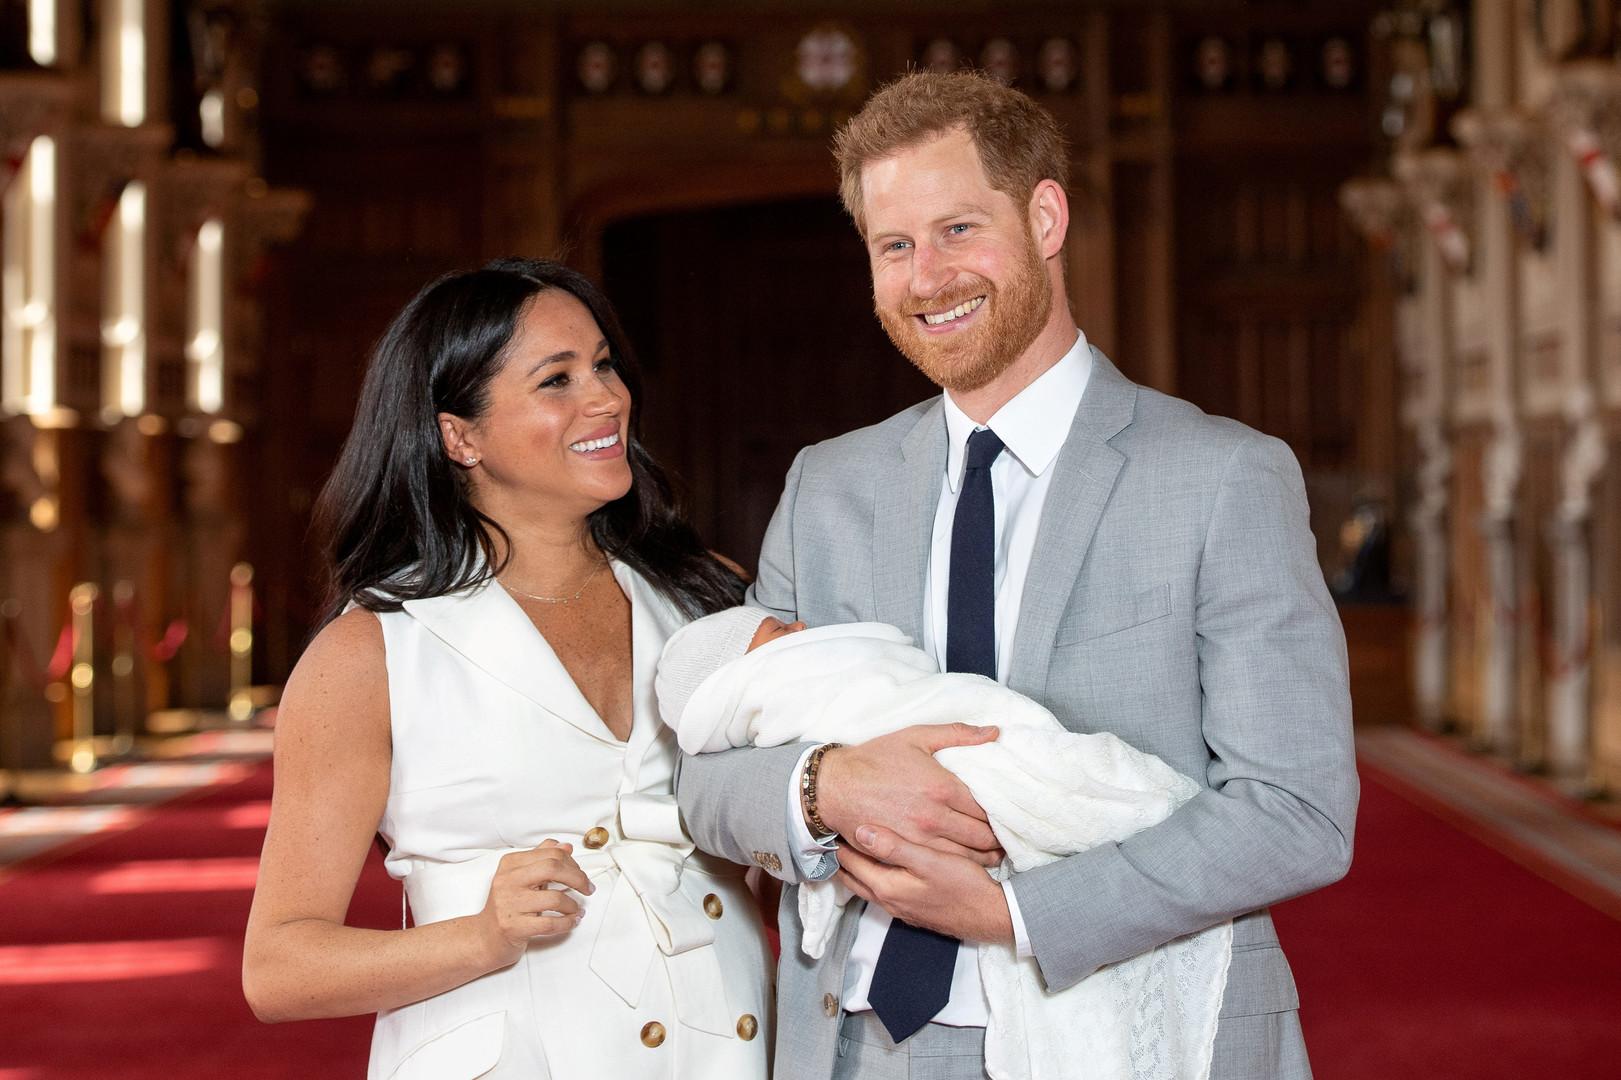 الأمير هاري صحبة ميغان ماركل وطفلهما